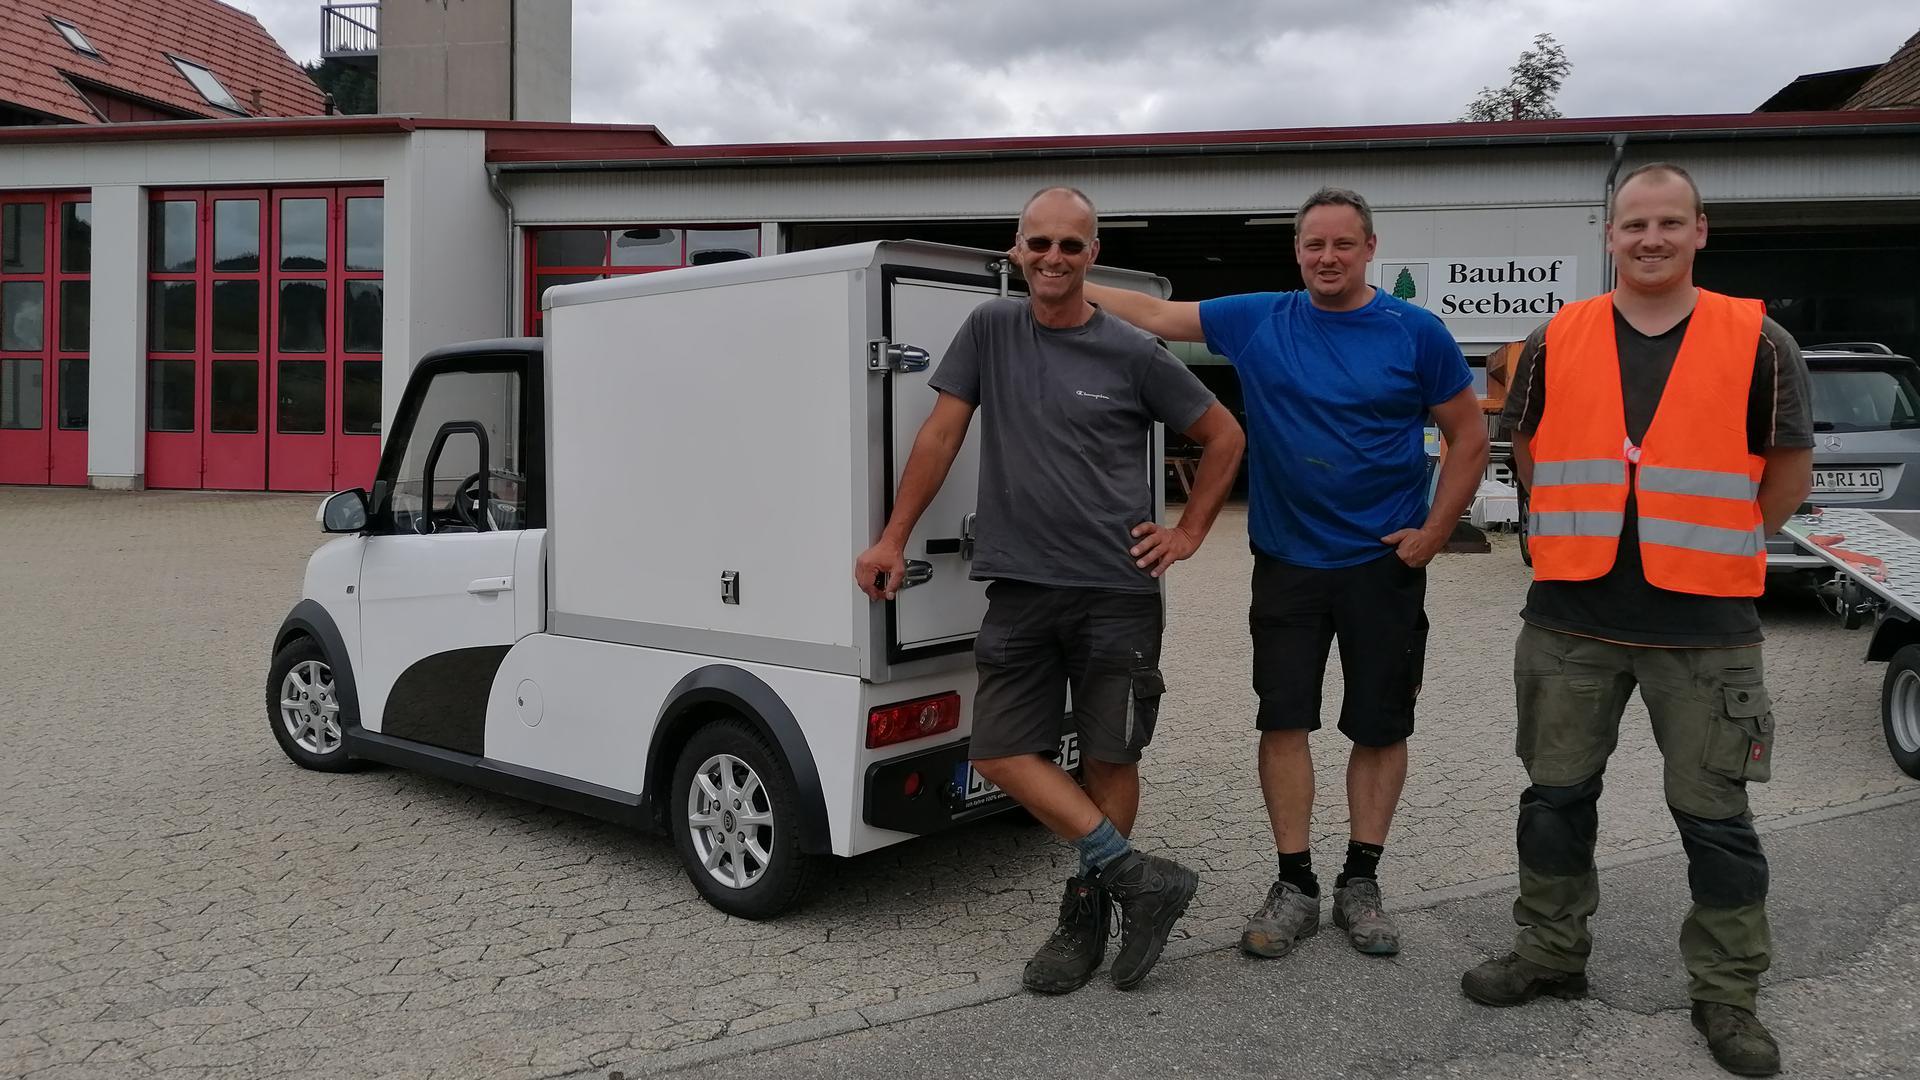 Der Leiter des Bauhofs in Seebach Thomas Knapp mit seinen Kollegen Hannes Bruder und Sebastian Decker stehen vor dem Mini-E-Transporter.